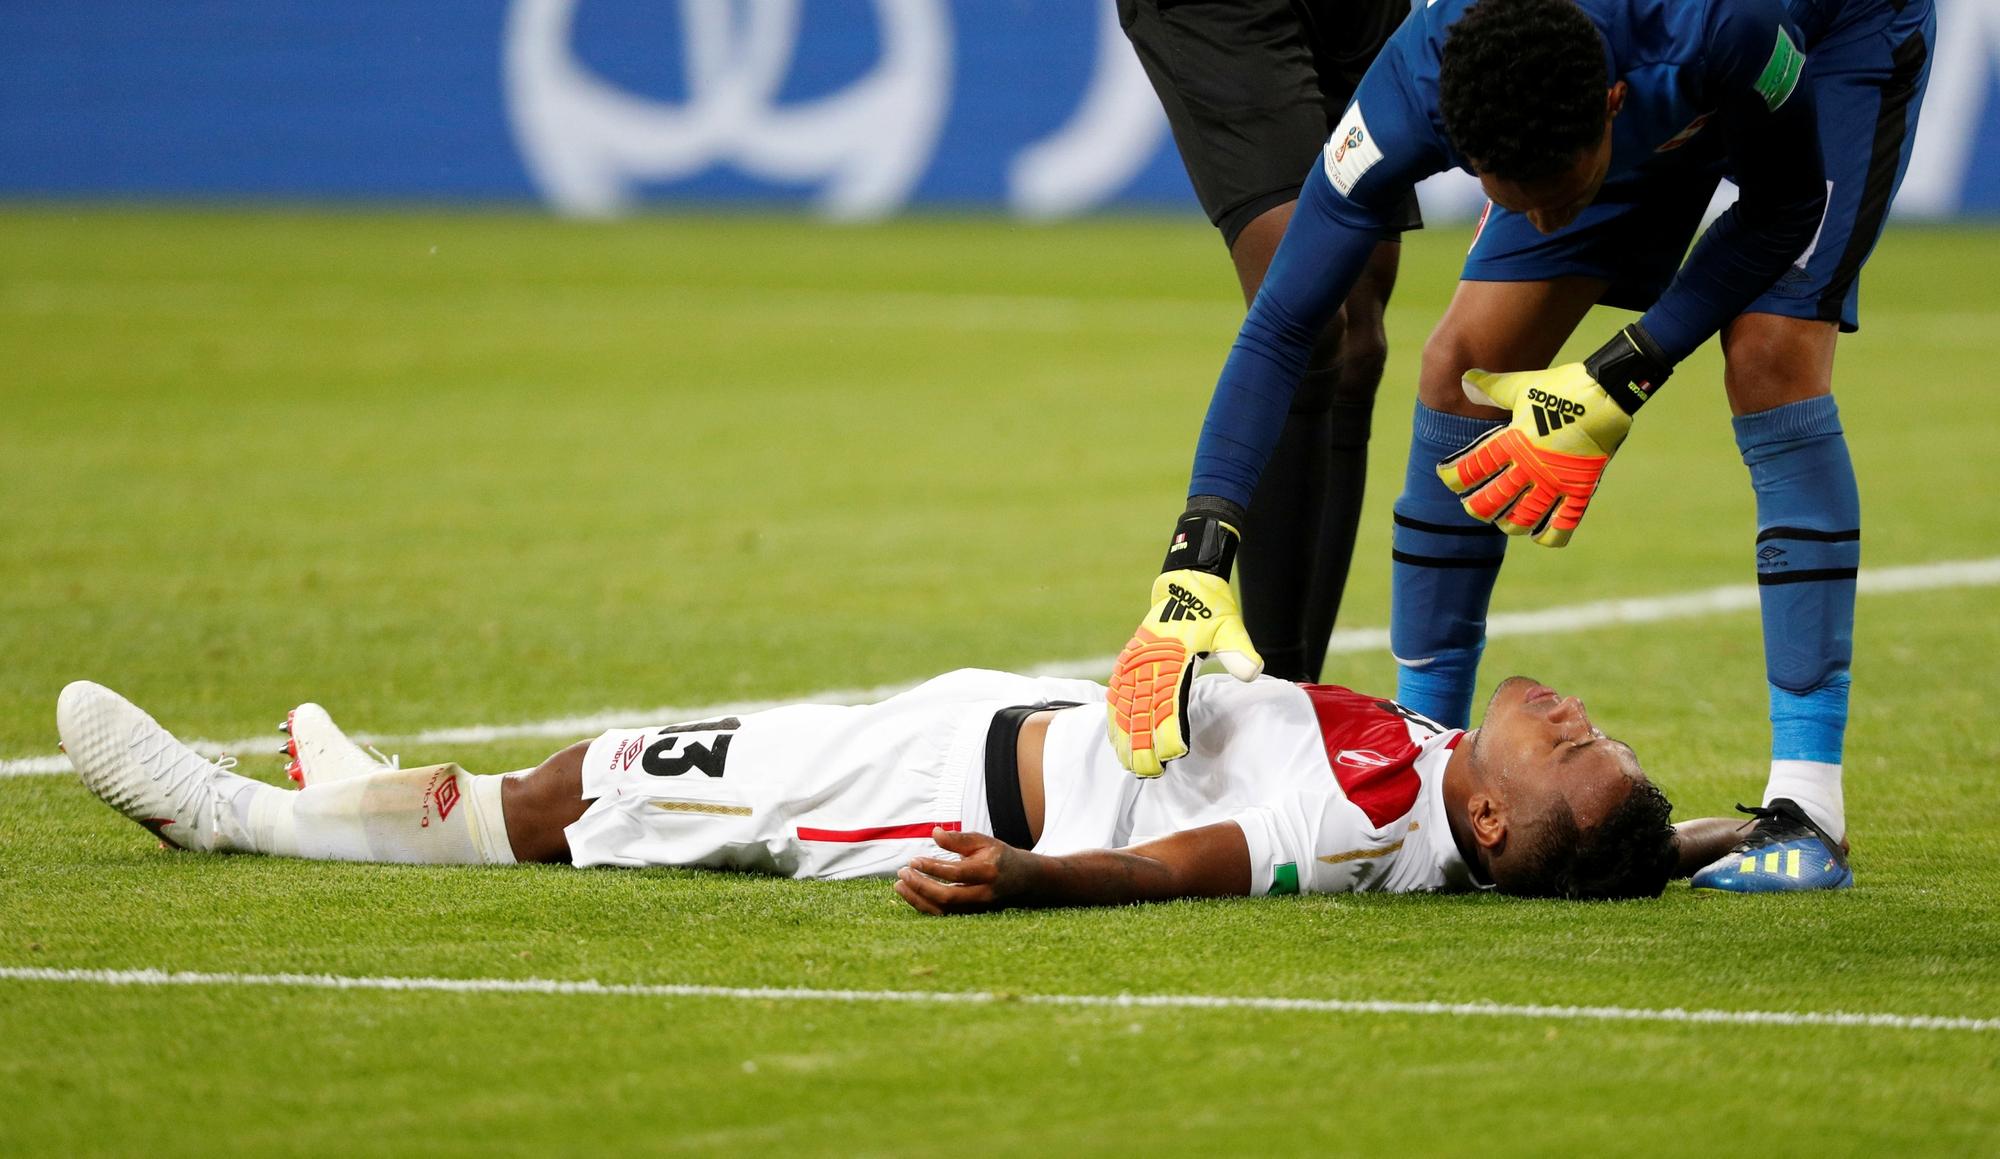 Médica explica tratamentos e cuidados em jogadores após choque de cabeça  26db33aa1e6d7